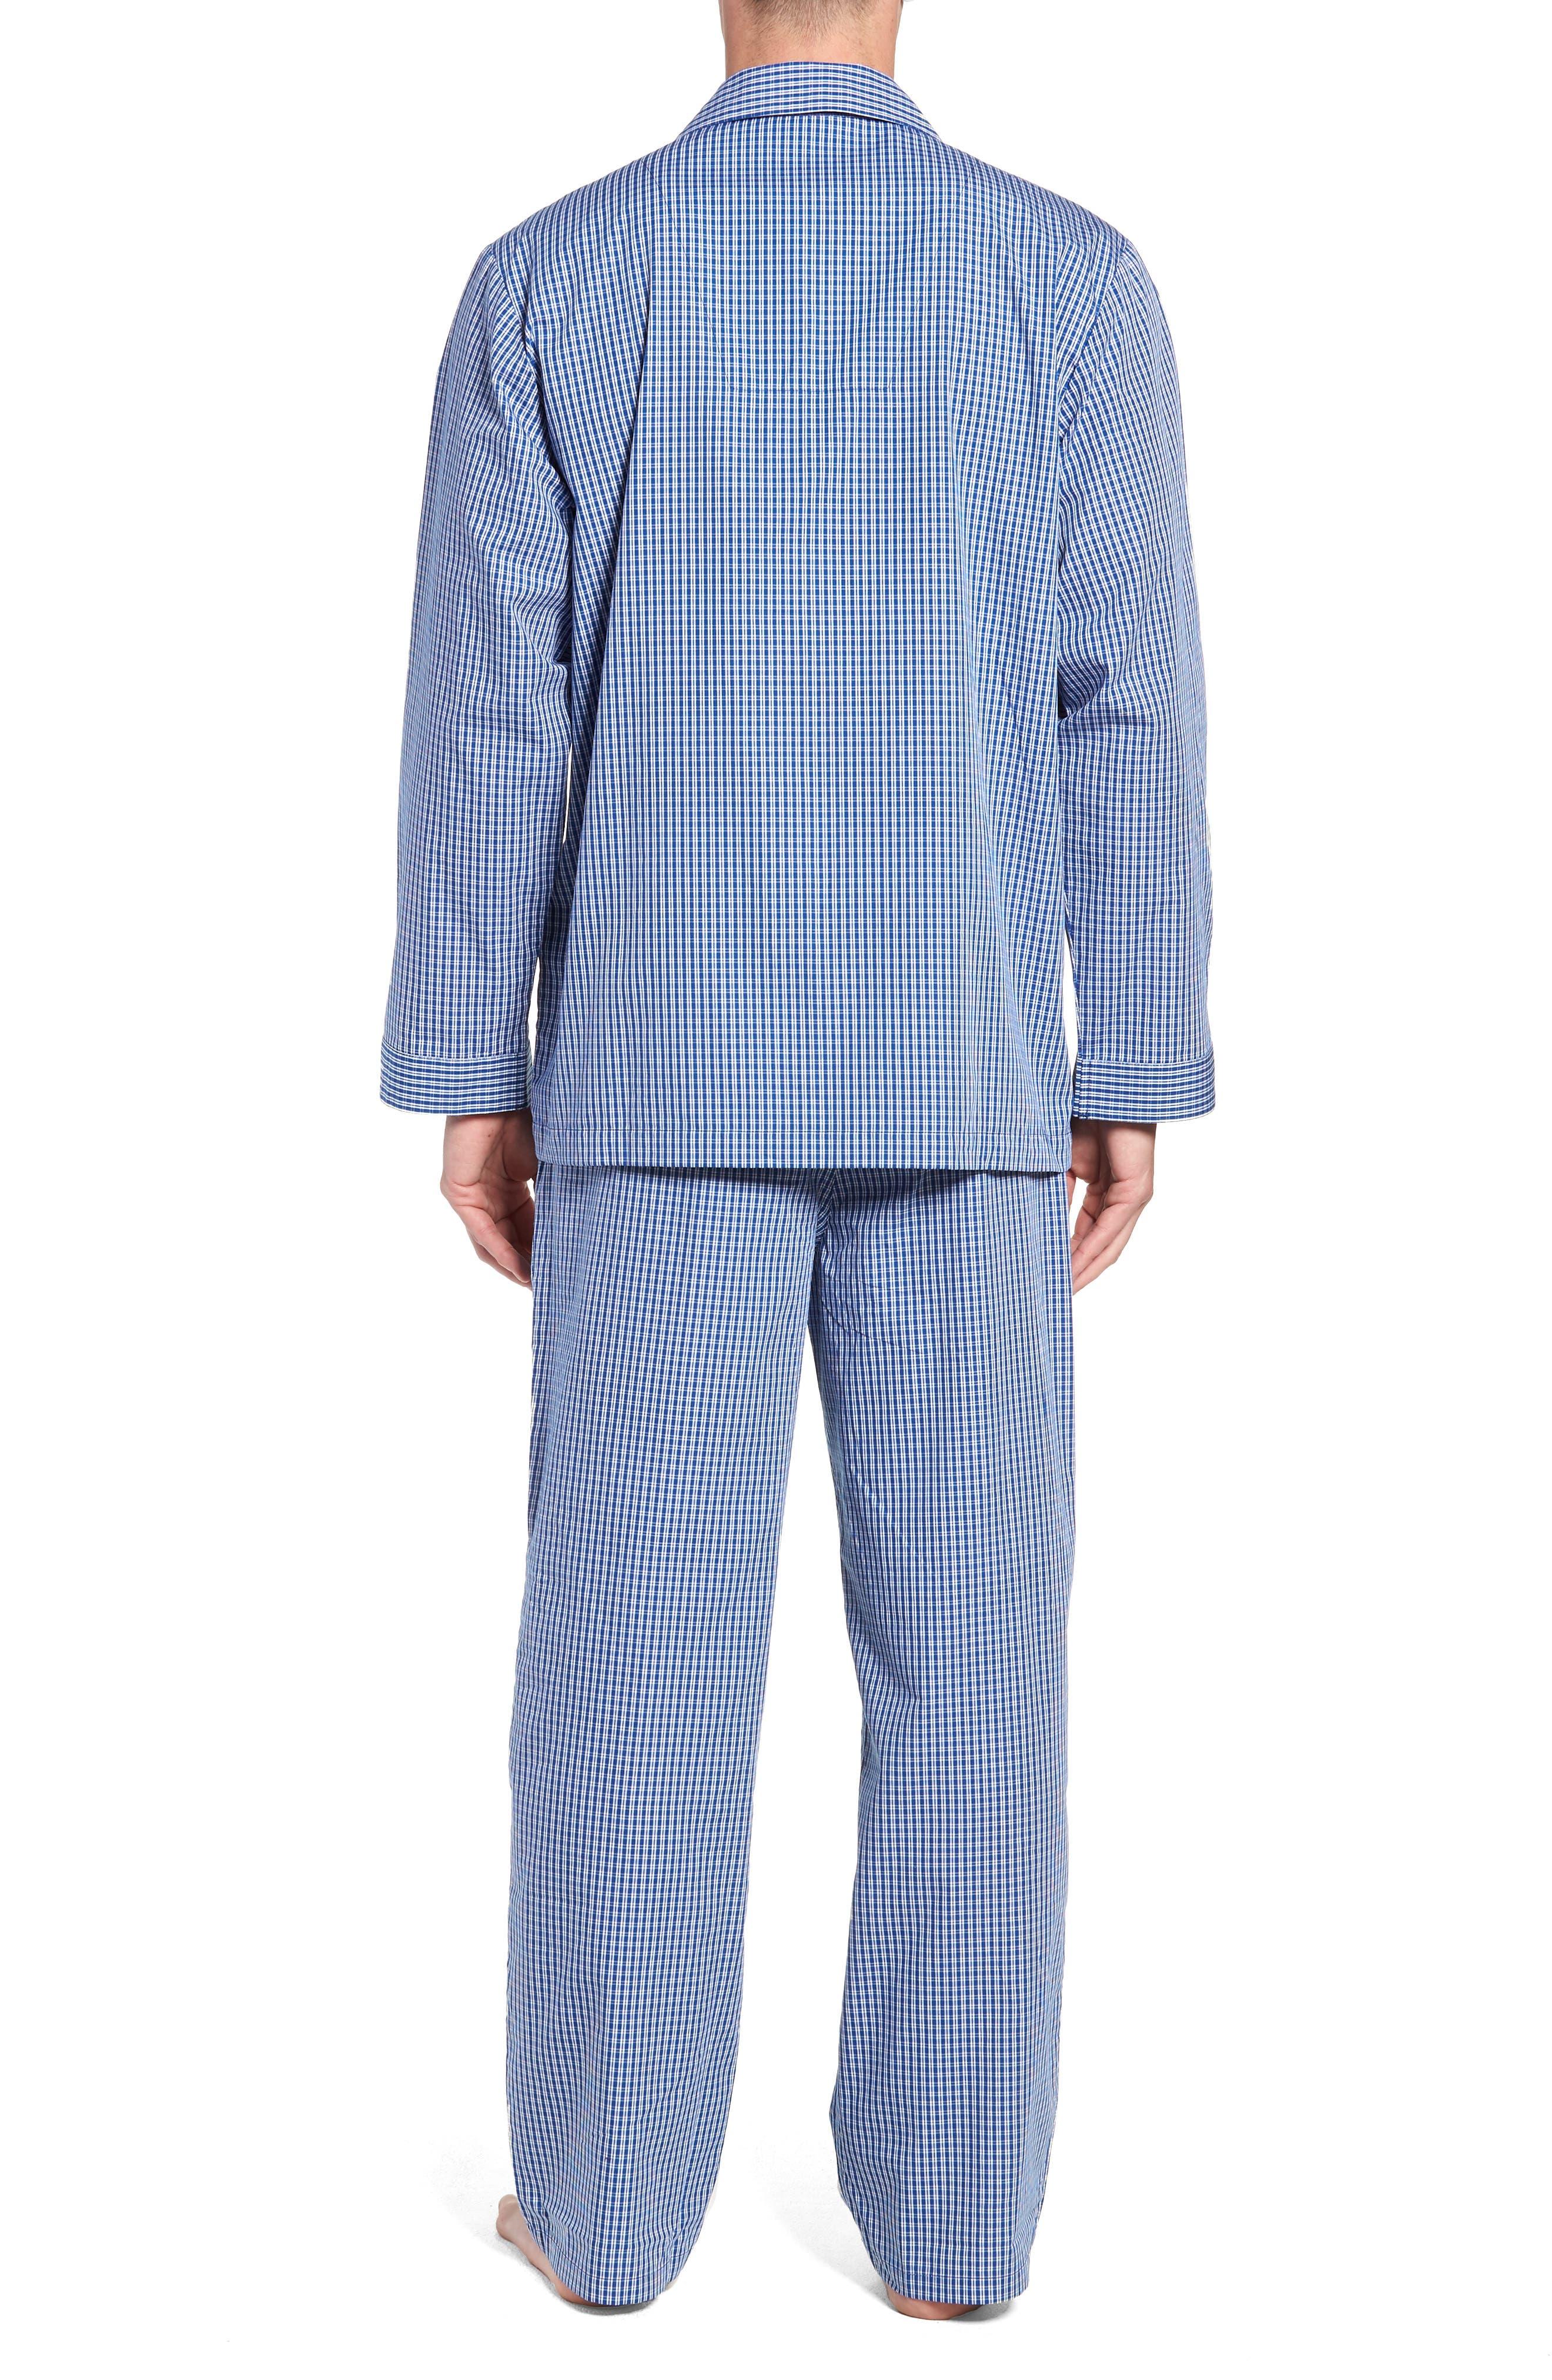 NORDSTROM MEN'S SHOP, Poplin Pajama Set, Alternate thumbnail 2, color, 404